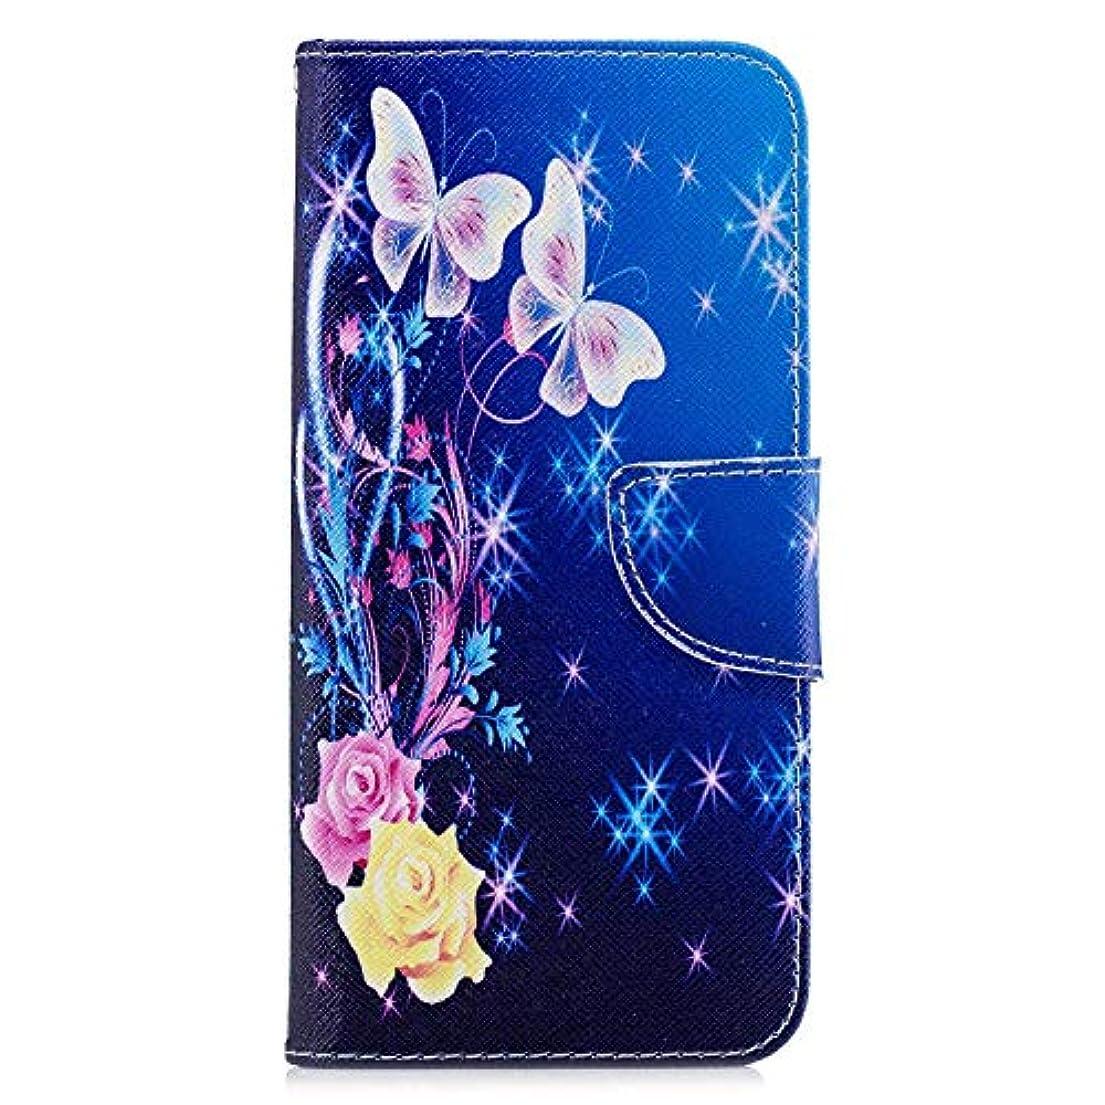 アクチュエータ注入でるOMATENTI Huawei Honor 8C ケース, ファッション人気 PUレザー 手帳 軽量 電話ケース 耐衝撃性 落下防止 薄型 スマホケースザー 付きスタンド機能, マグネット開閉式 そしてカード収納 Huawei...